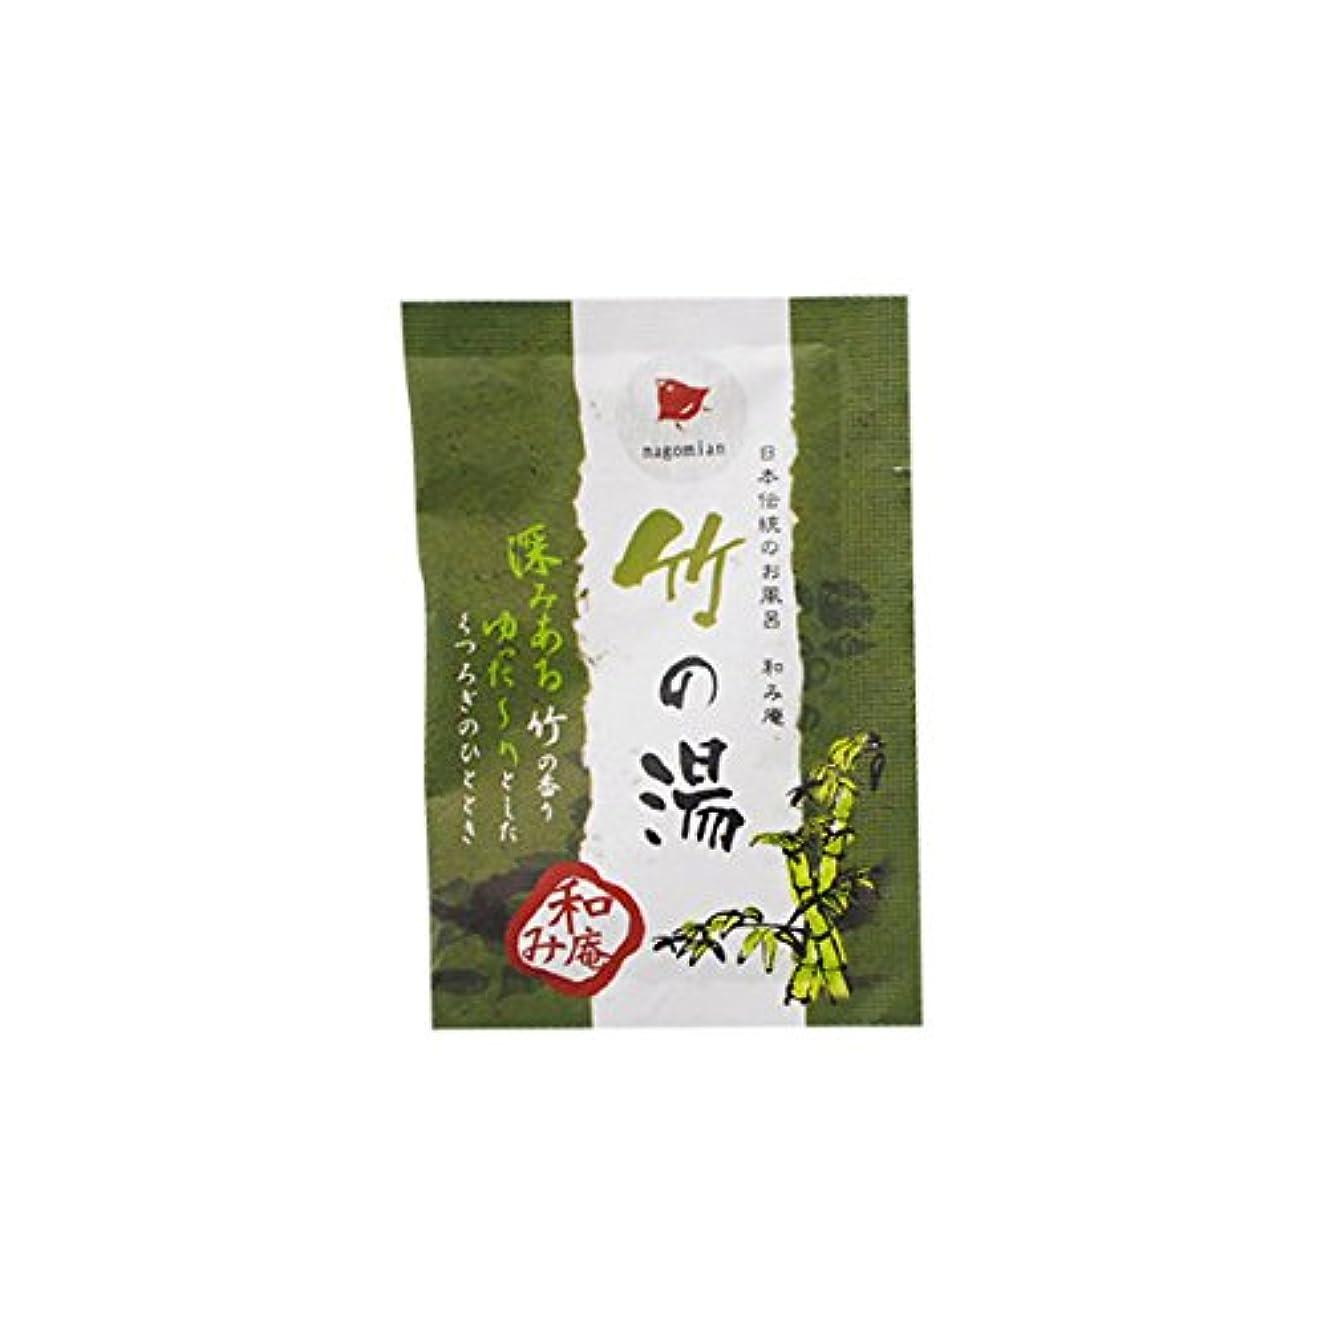 トラクター額付与和み庵 入浴剤 「竹の湯」30個